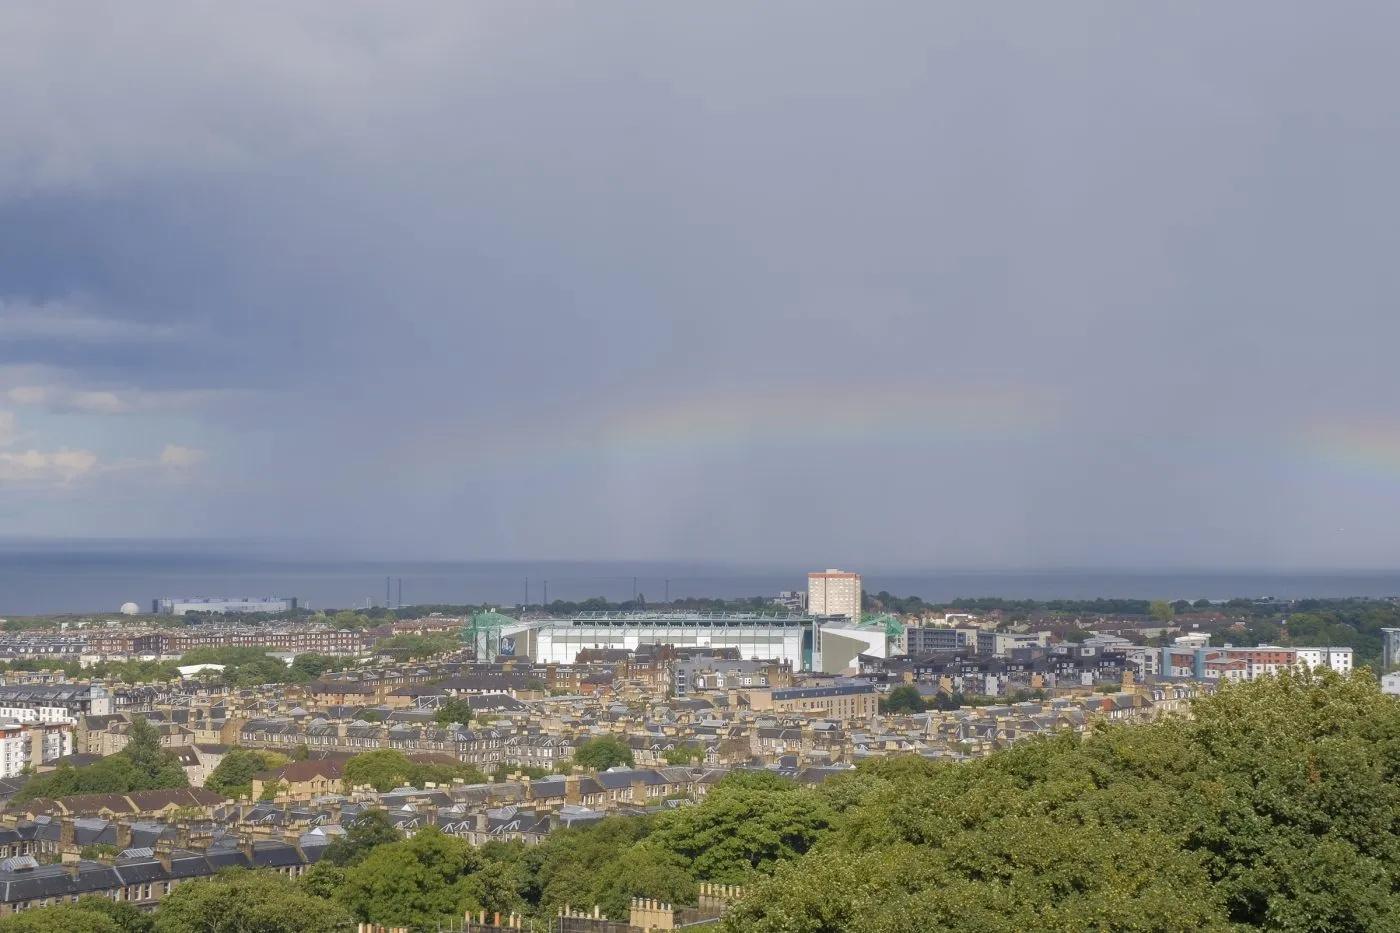 The view from Calton Hill, Edinburgh